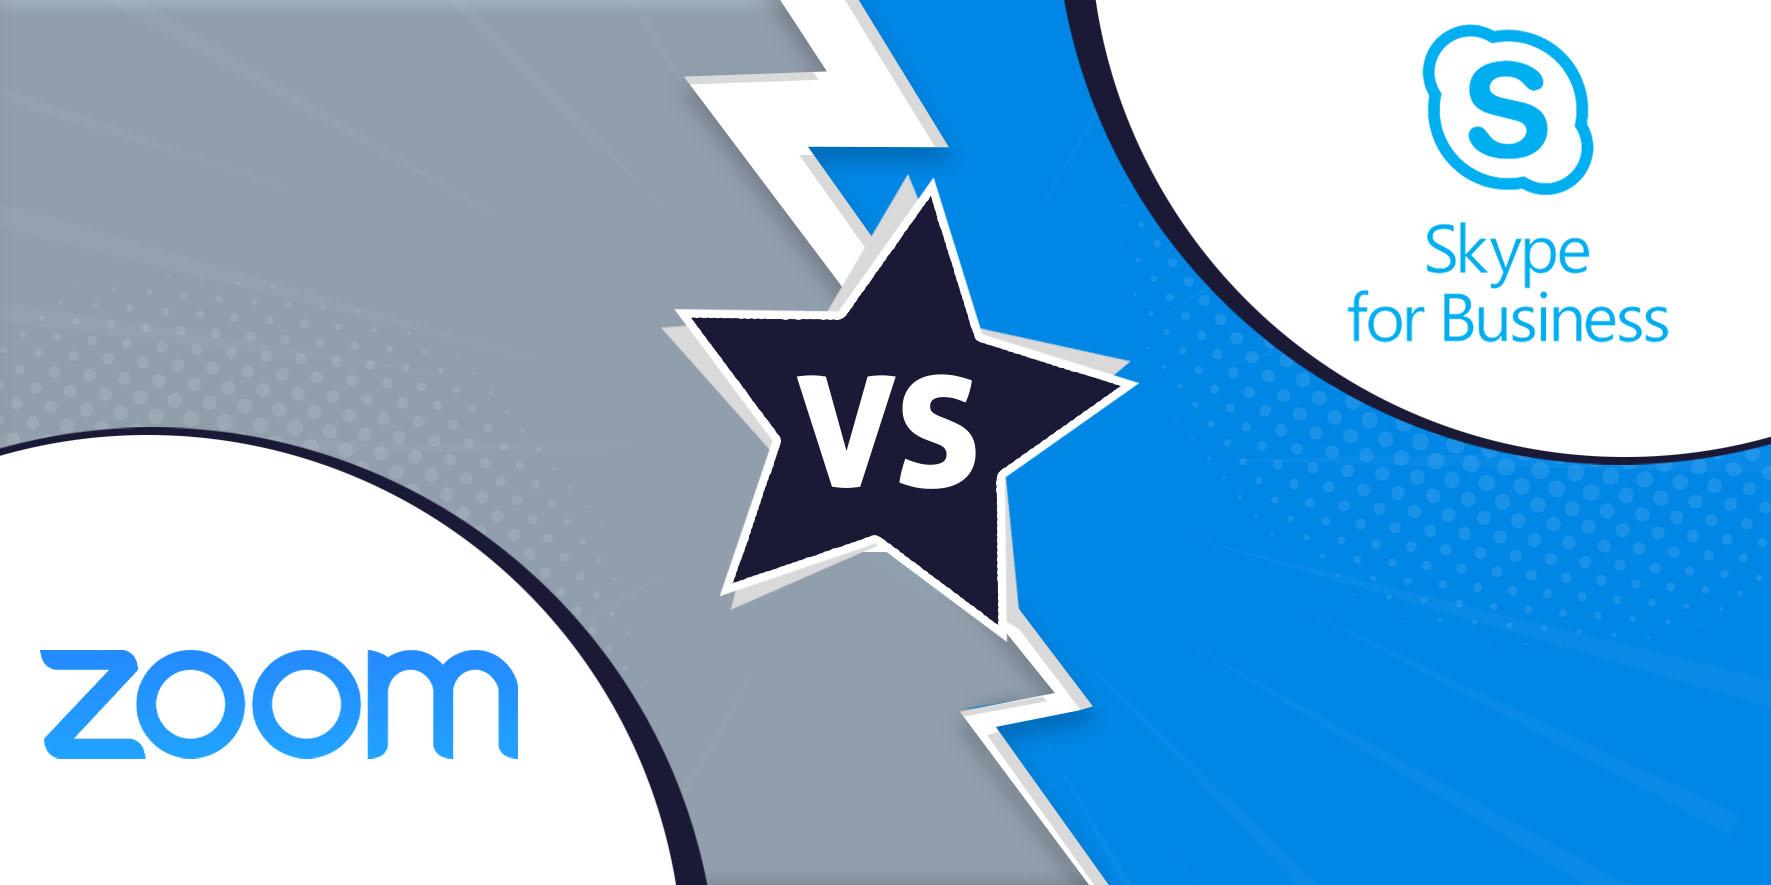 Zoom vs. Skype for Business.